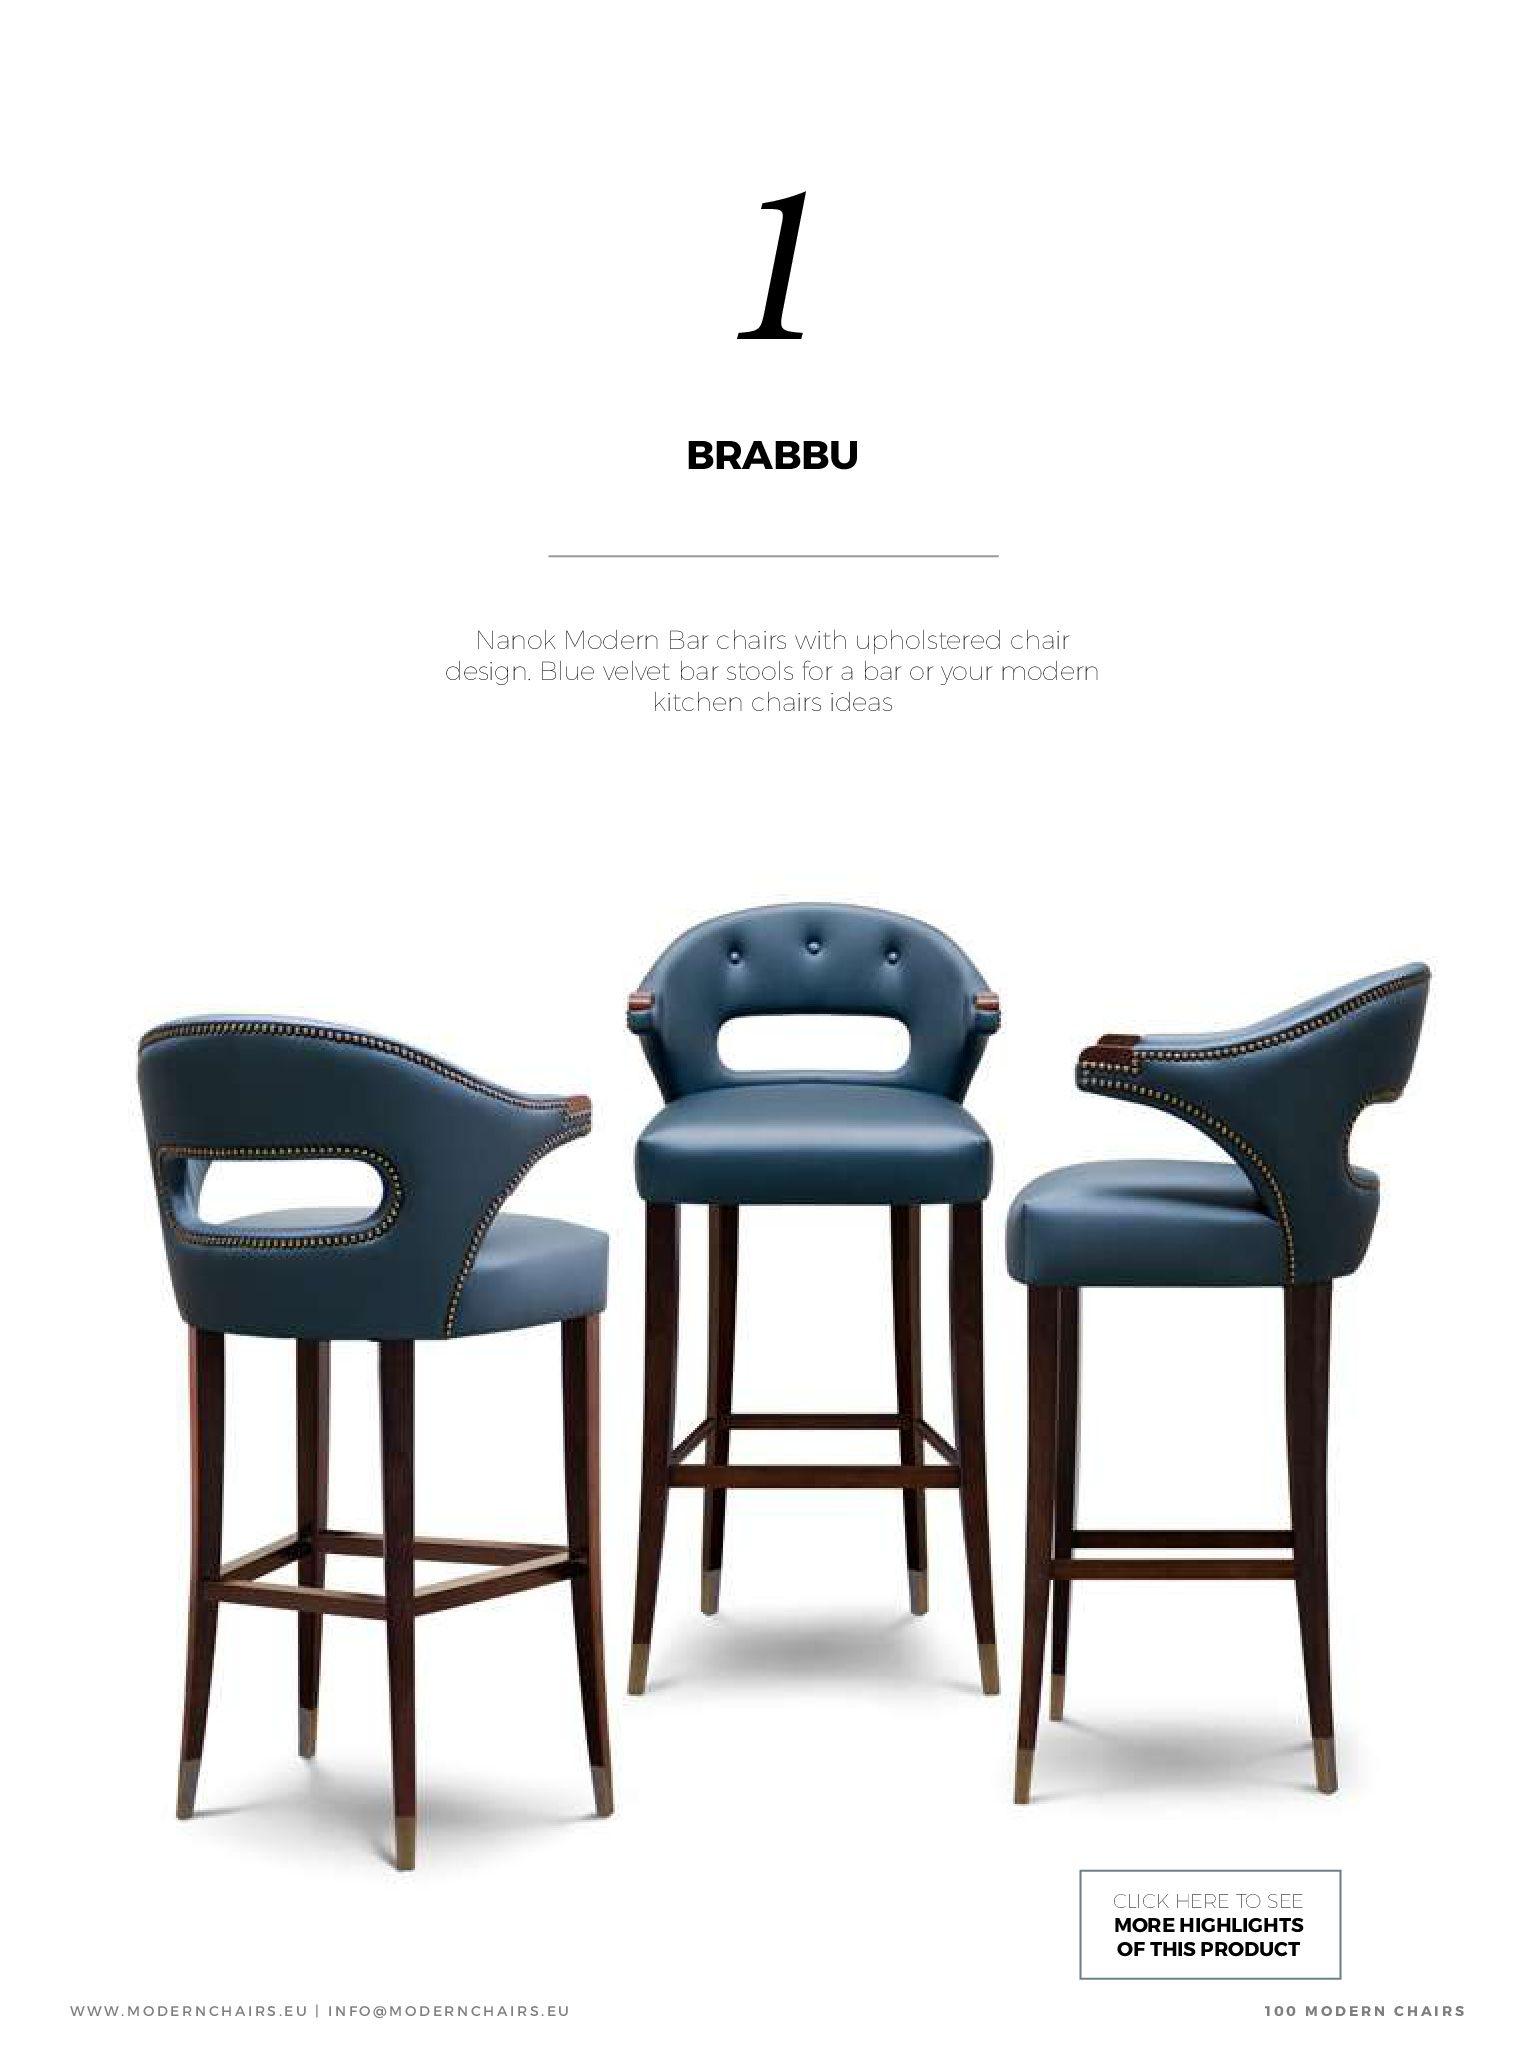 Sedie moderne Blog presenta 100 idee di sedie moderne. Qui troverete ...